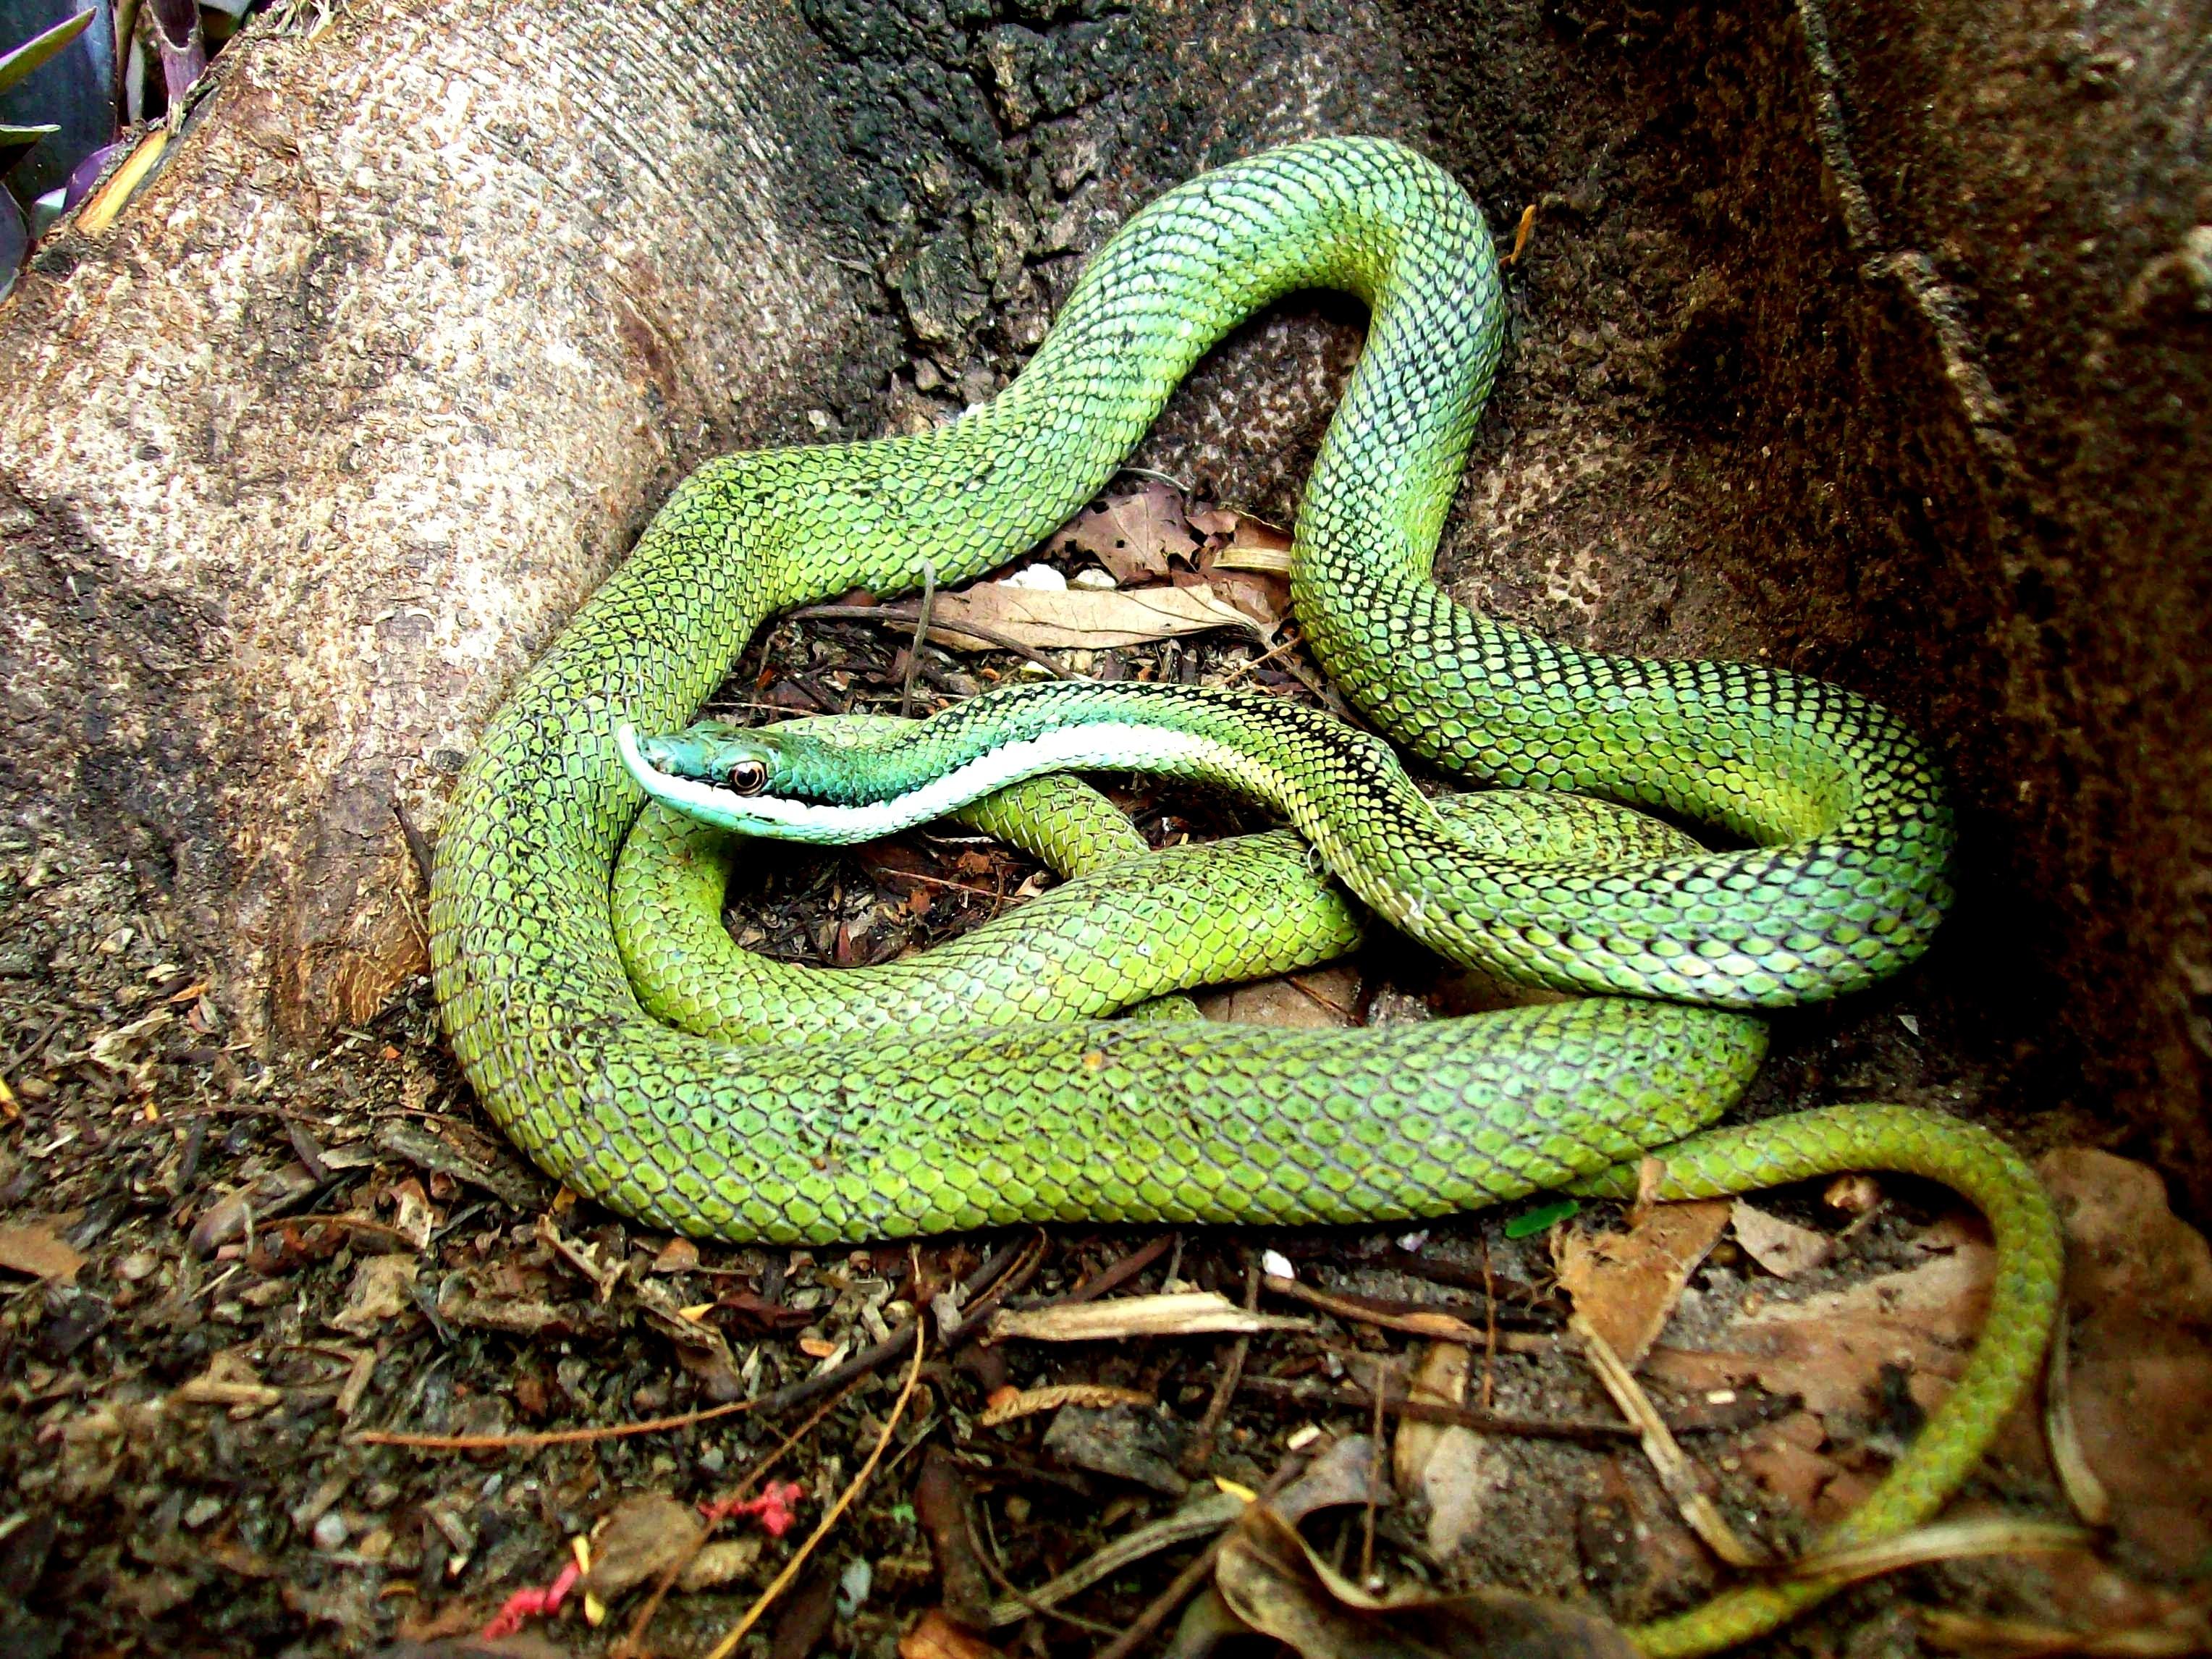 Una serpiente inofensiva… que no lo es tanto